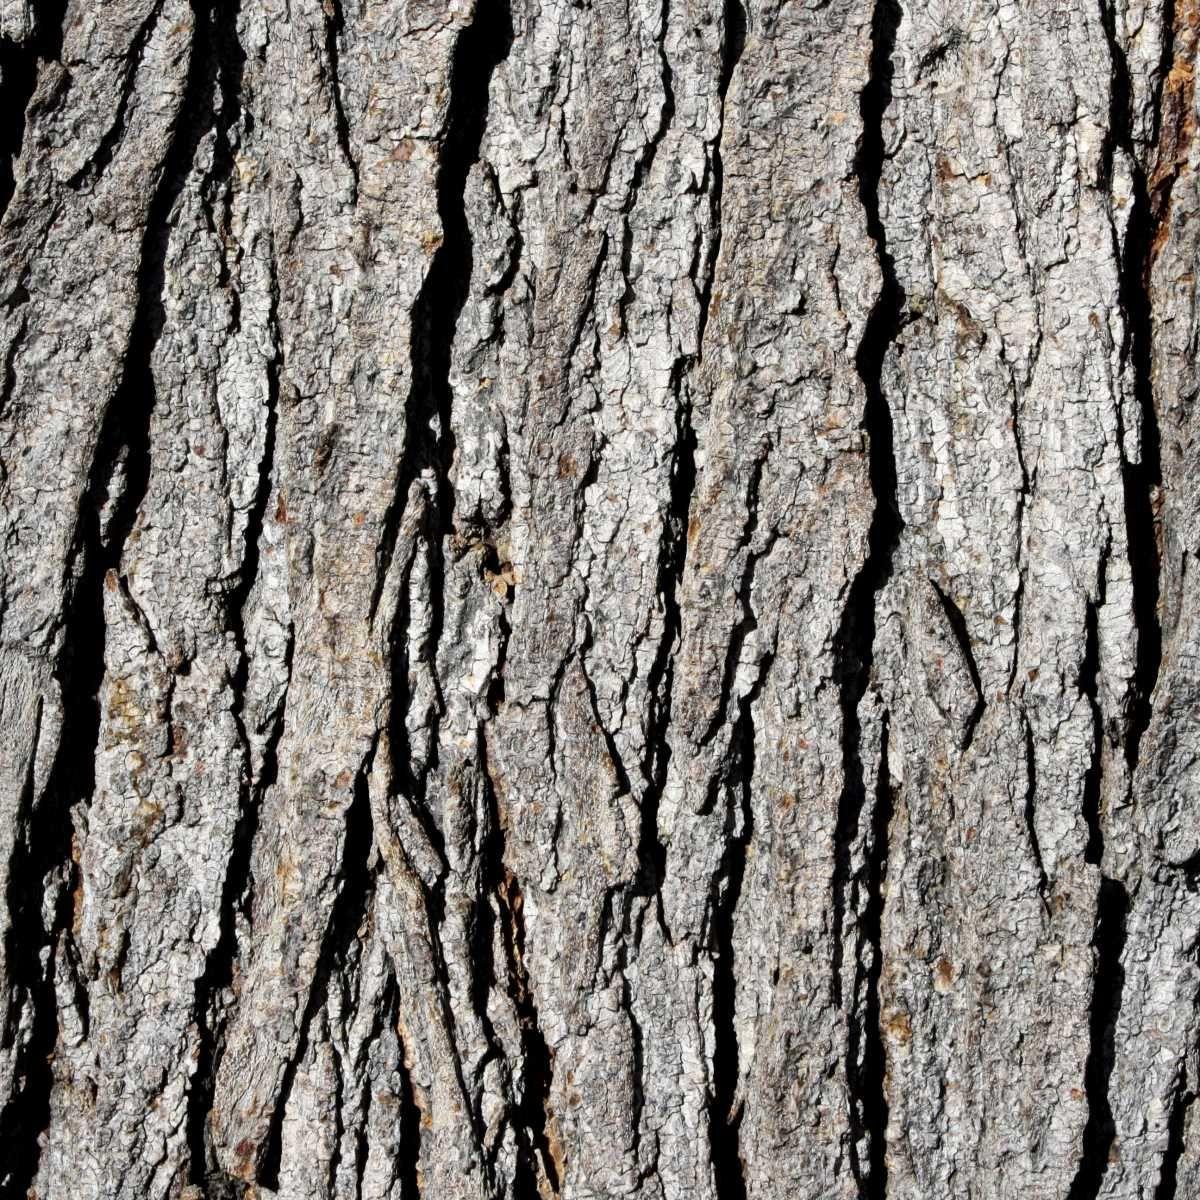 Tree Bark Grey Tree Bark With Moss Between The Bark Oak Tree